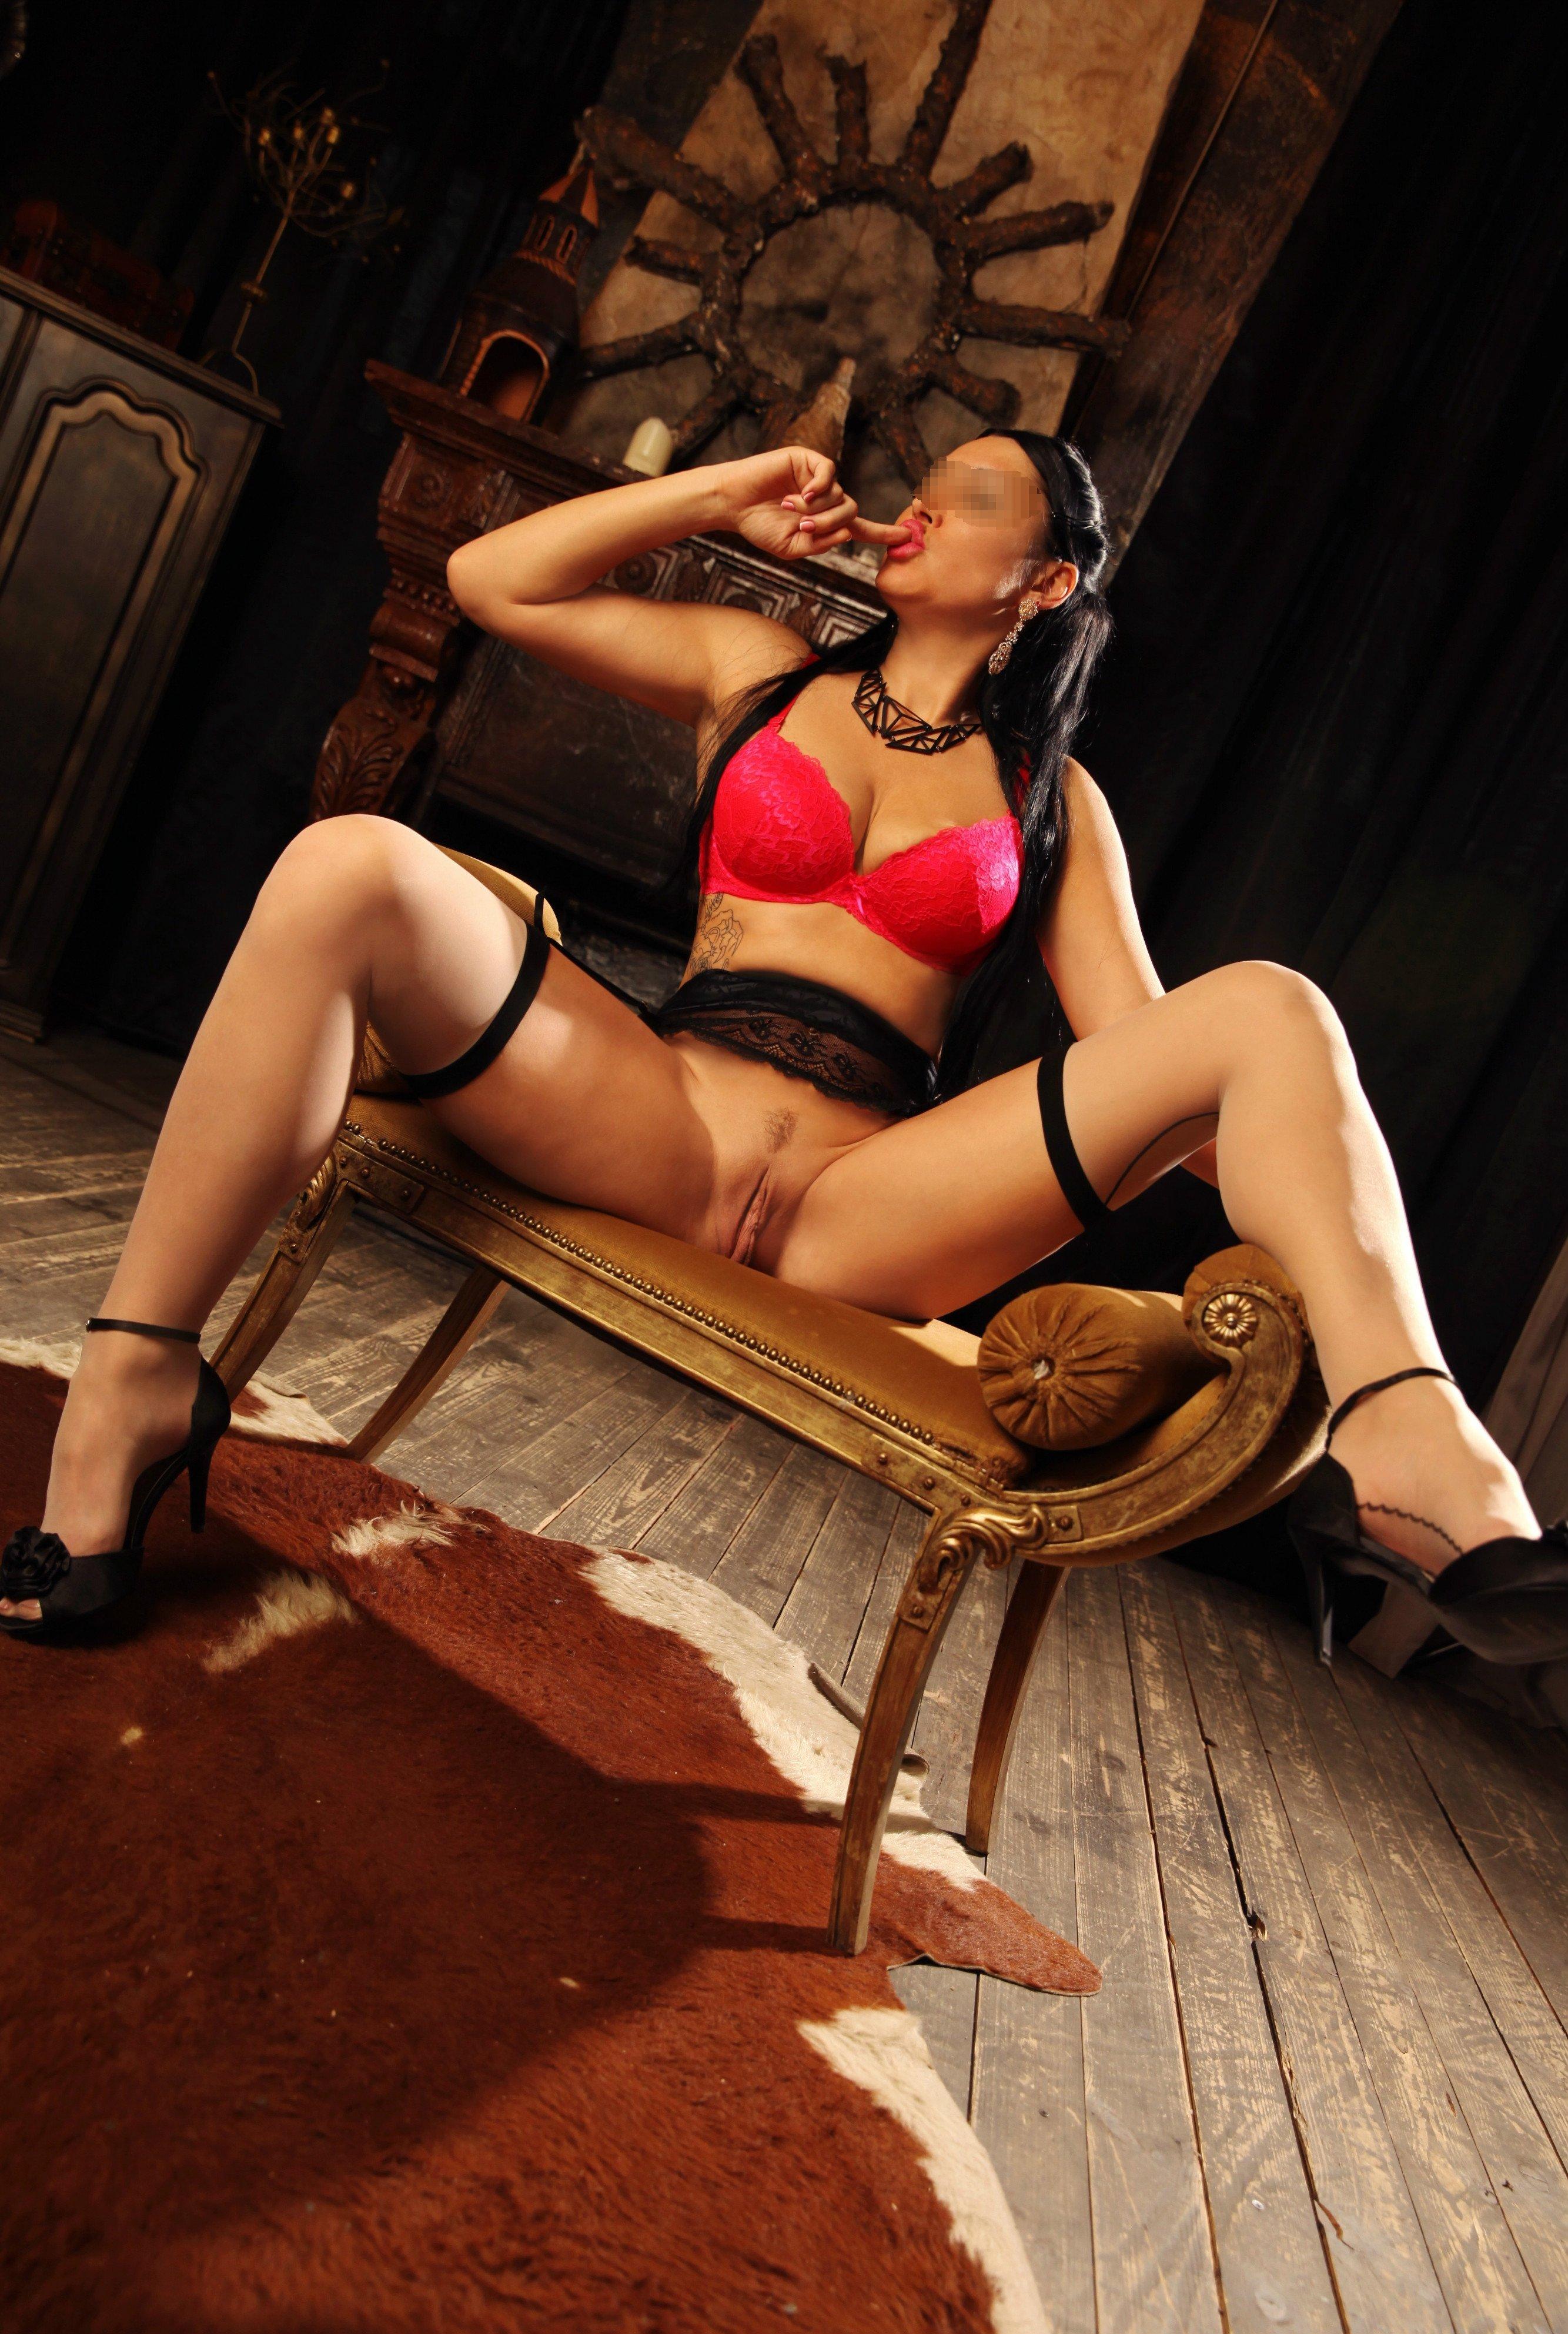 Метро сокол проститутки таиланд паттайя проститутки